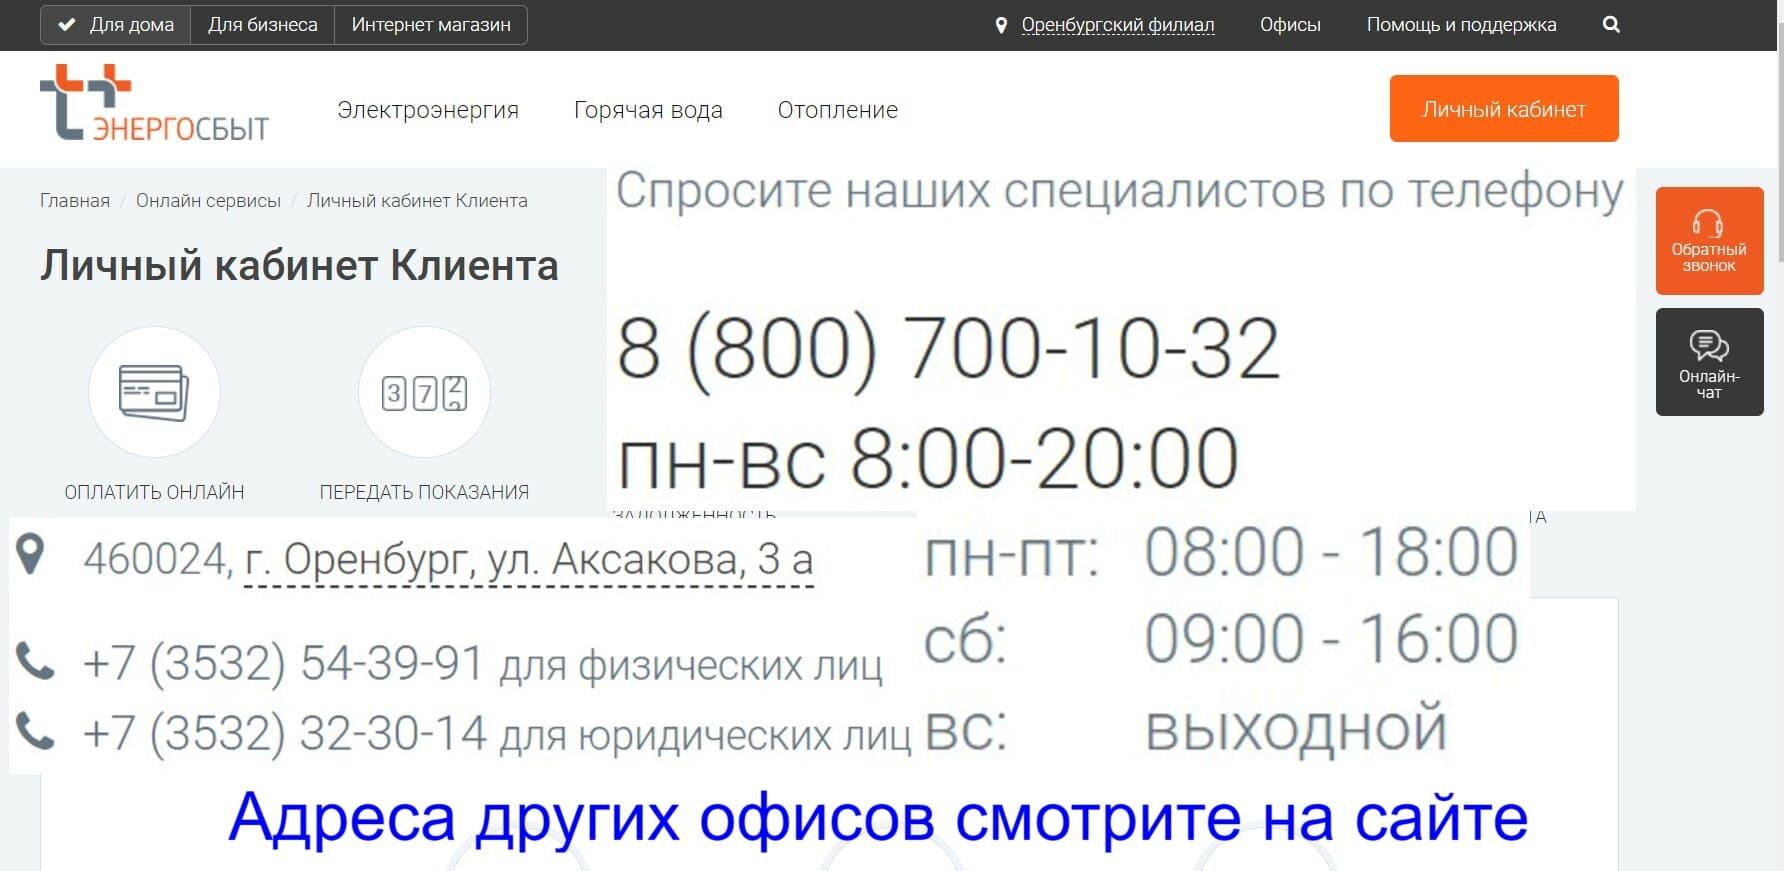 Энергосбыт Плюс Оренбург личный кабинет